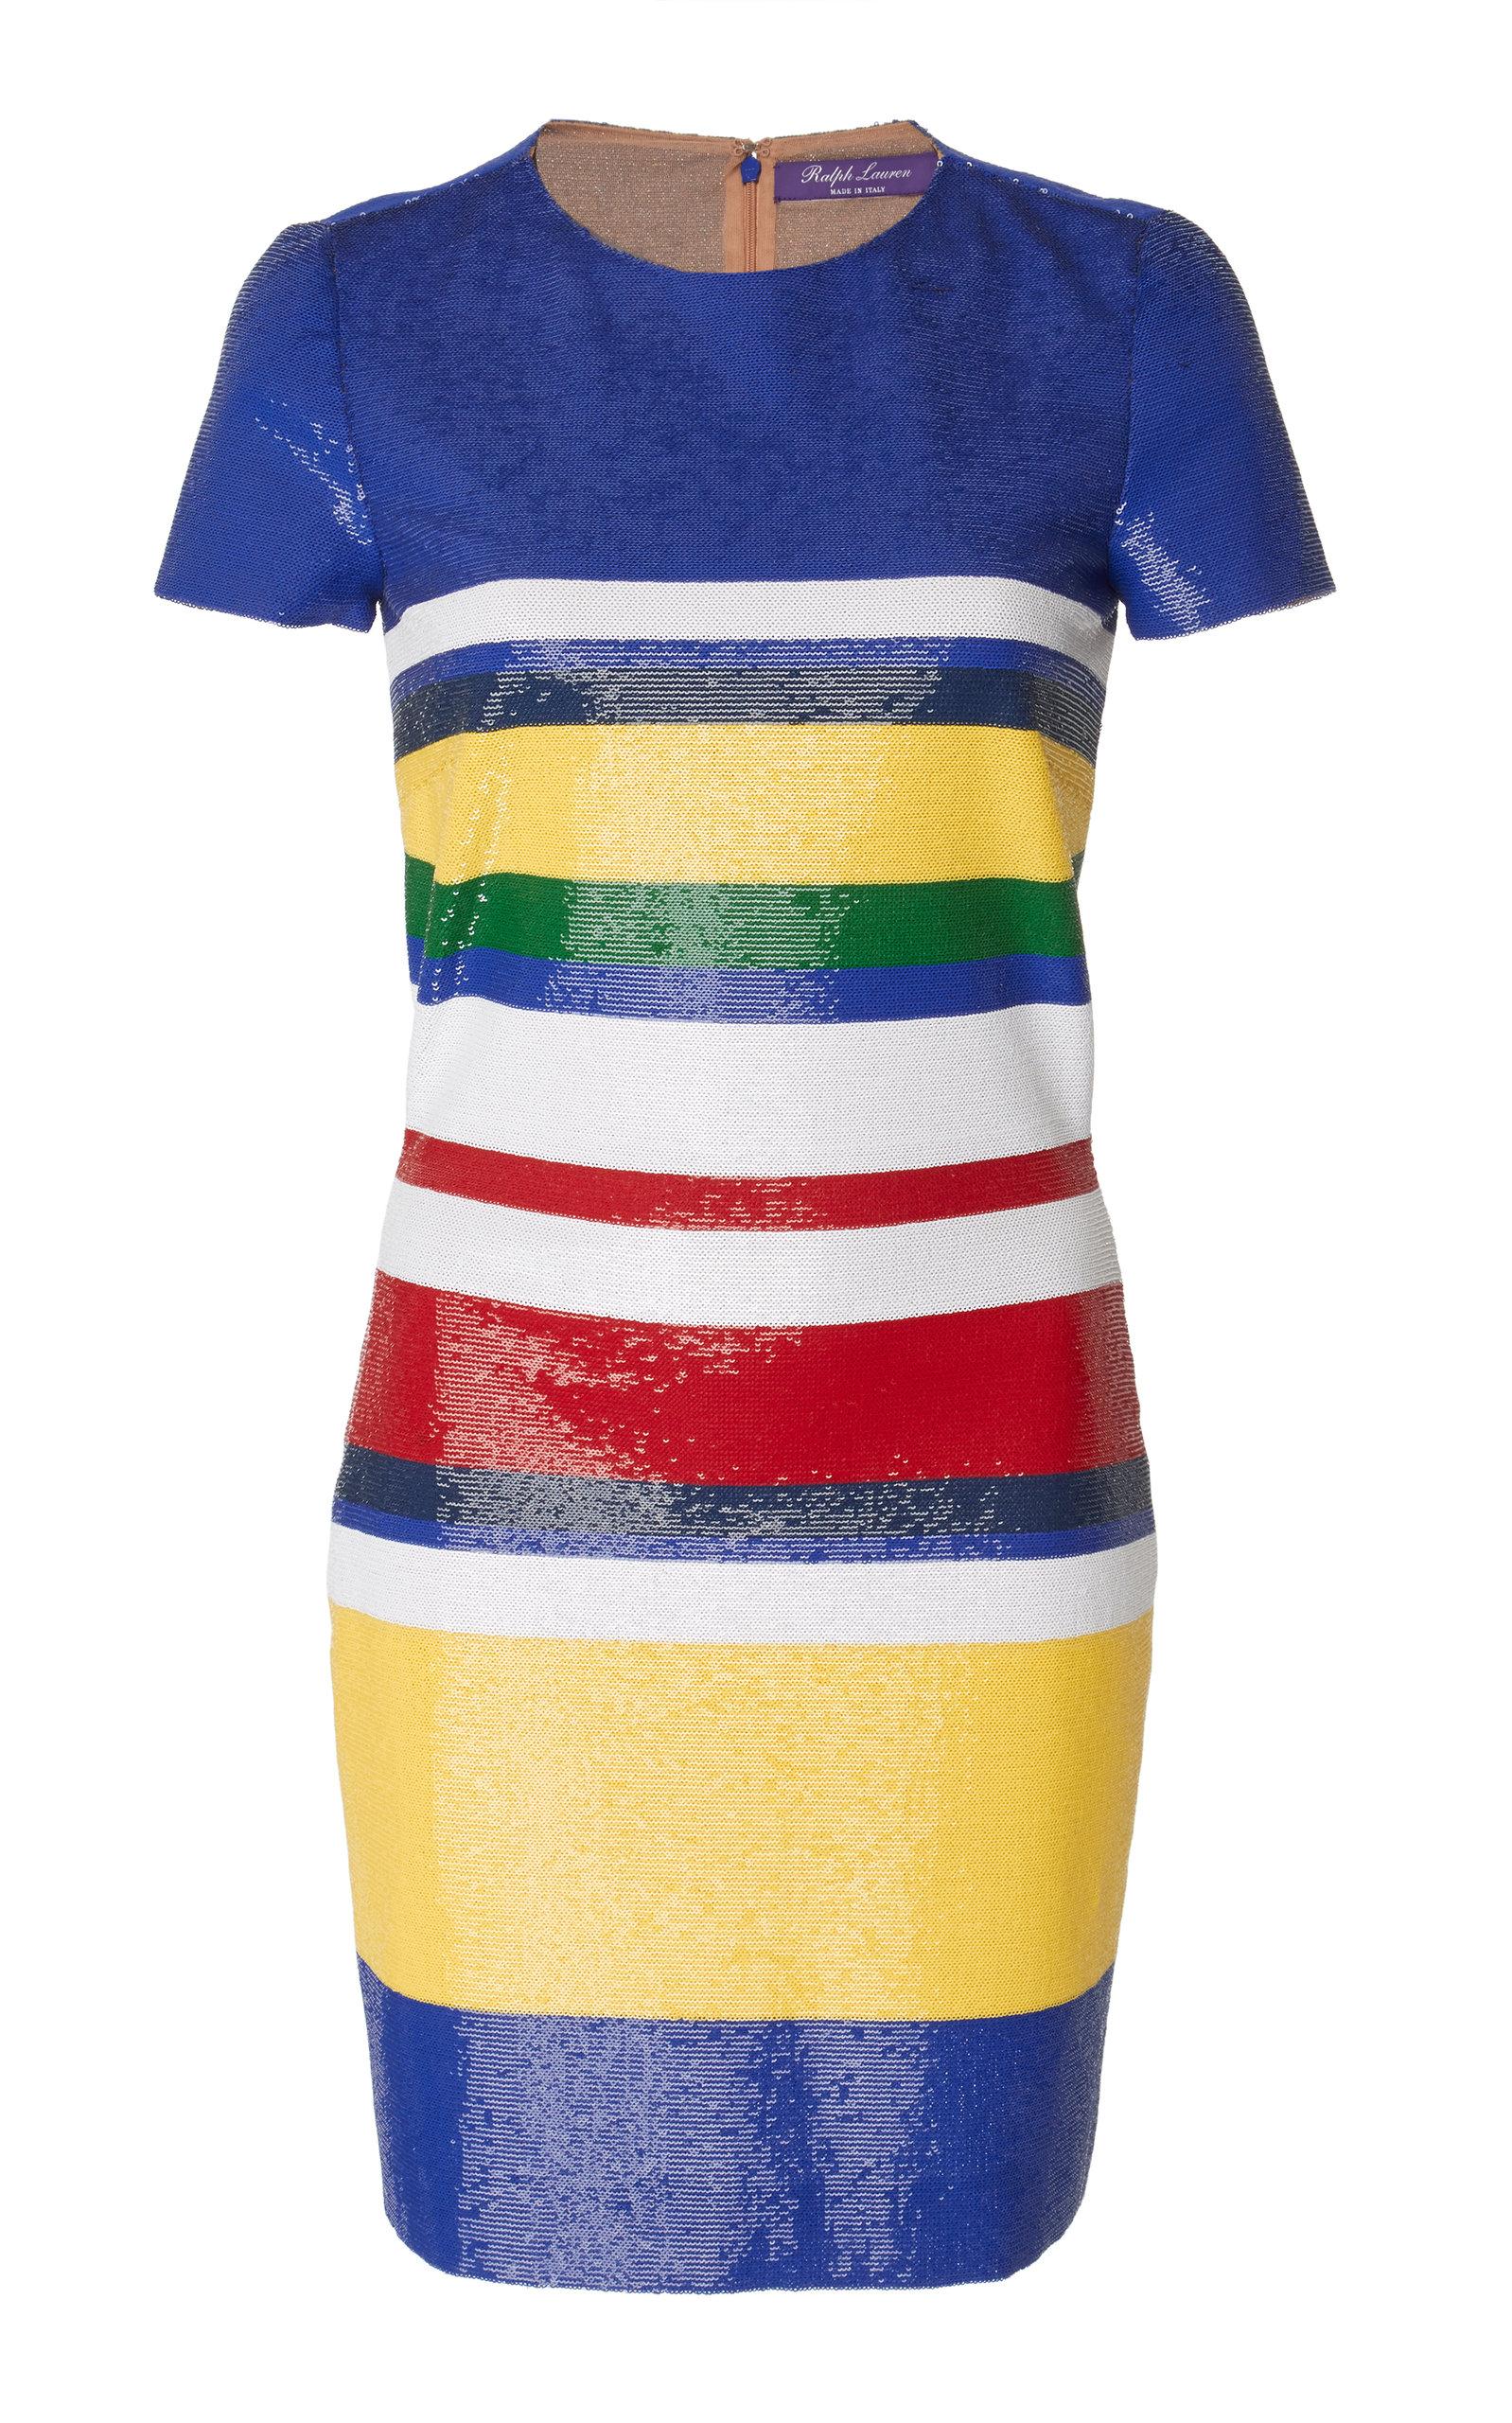 Beaded Cady Dress By Ralph Lauren Moda Operandi # Muebles Ralph Lauren Espana